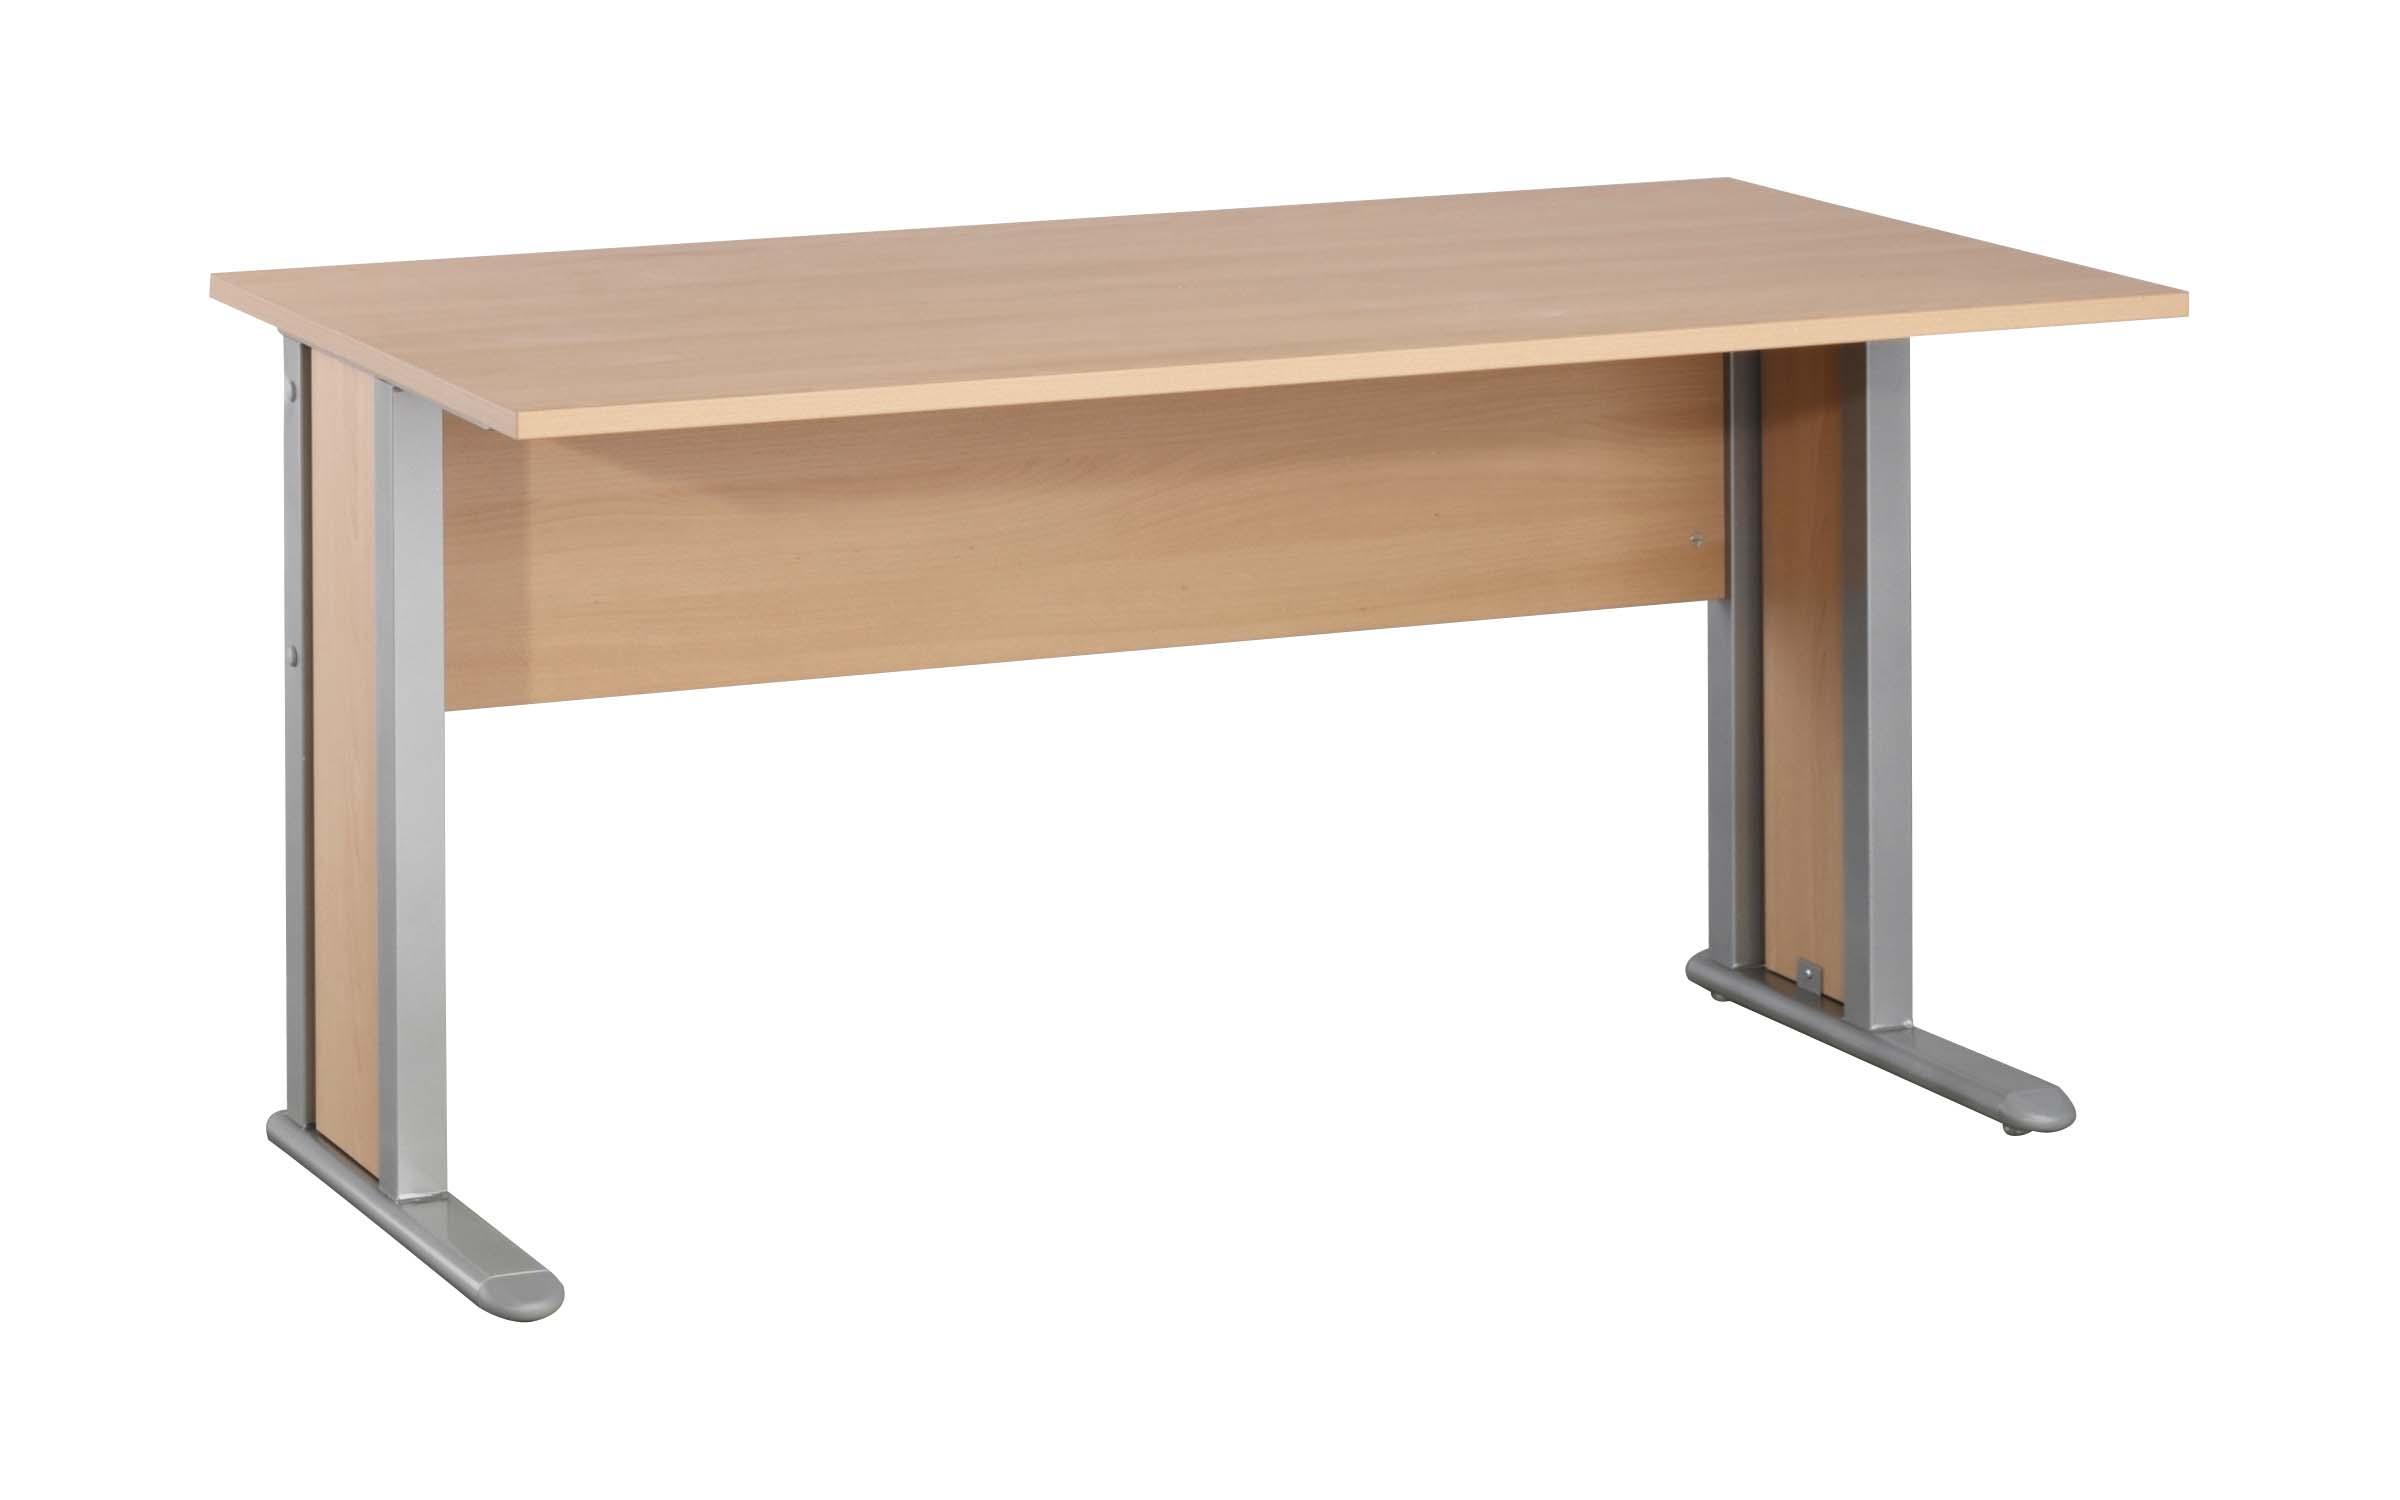 schreibtisch arbeitstisch b rotisch mit metallf e buche ahorn t183 office b ro ebay. Black Bedroom Furniture Sets. Home Design Ideas